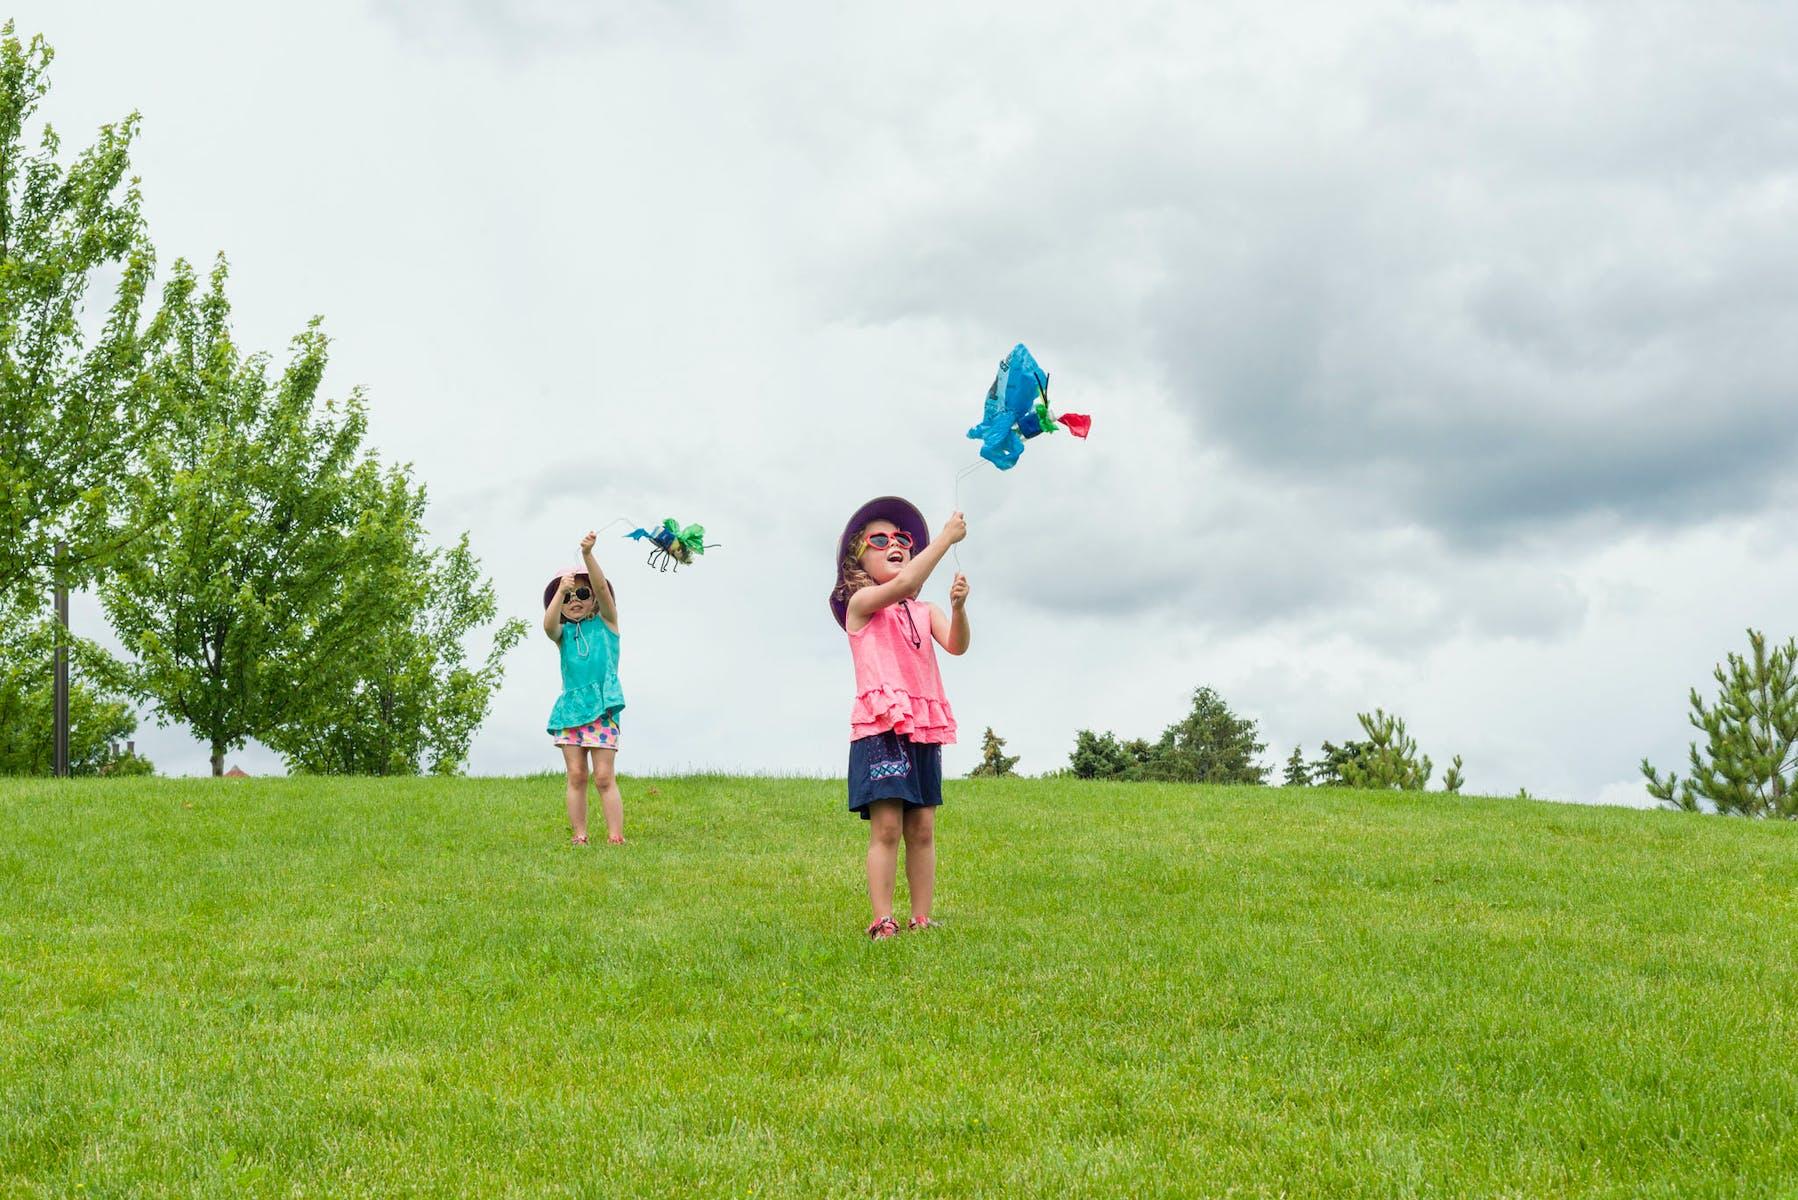 Kids on Walker hillside flying kites.